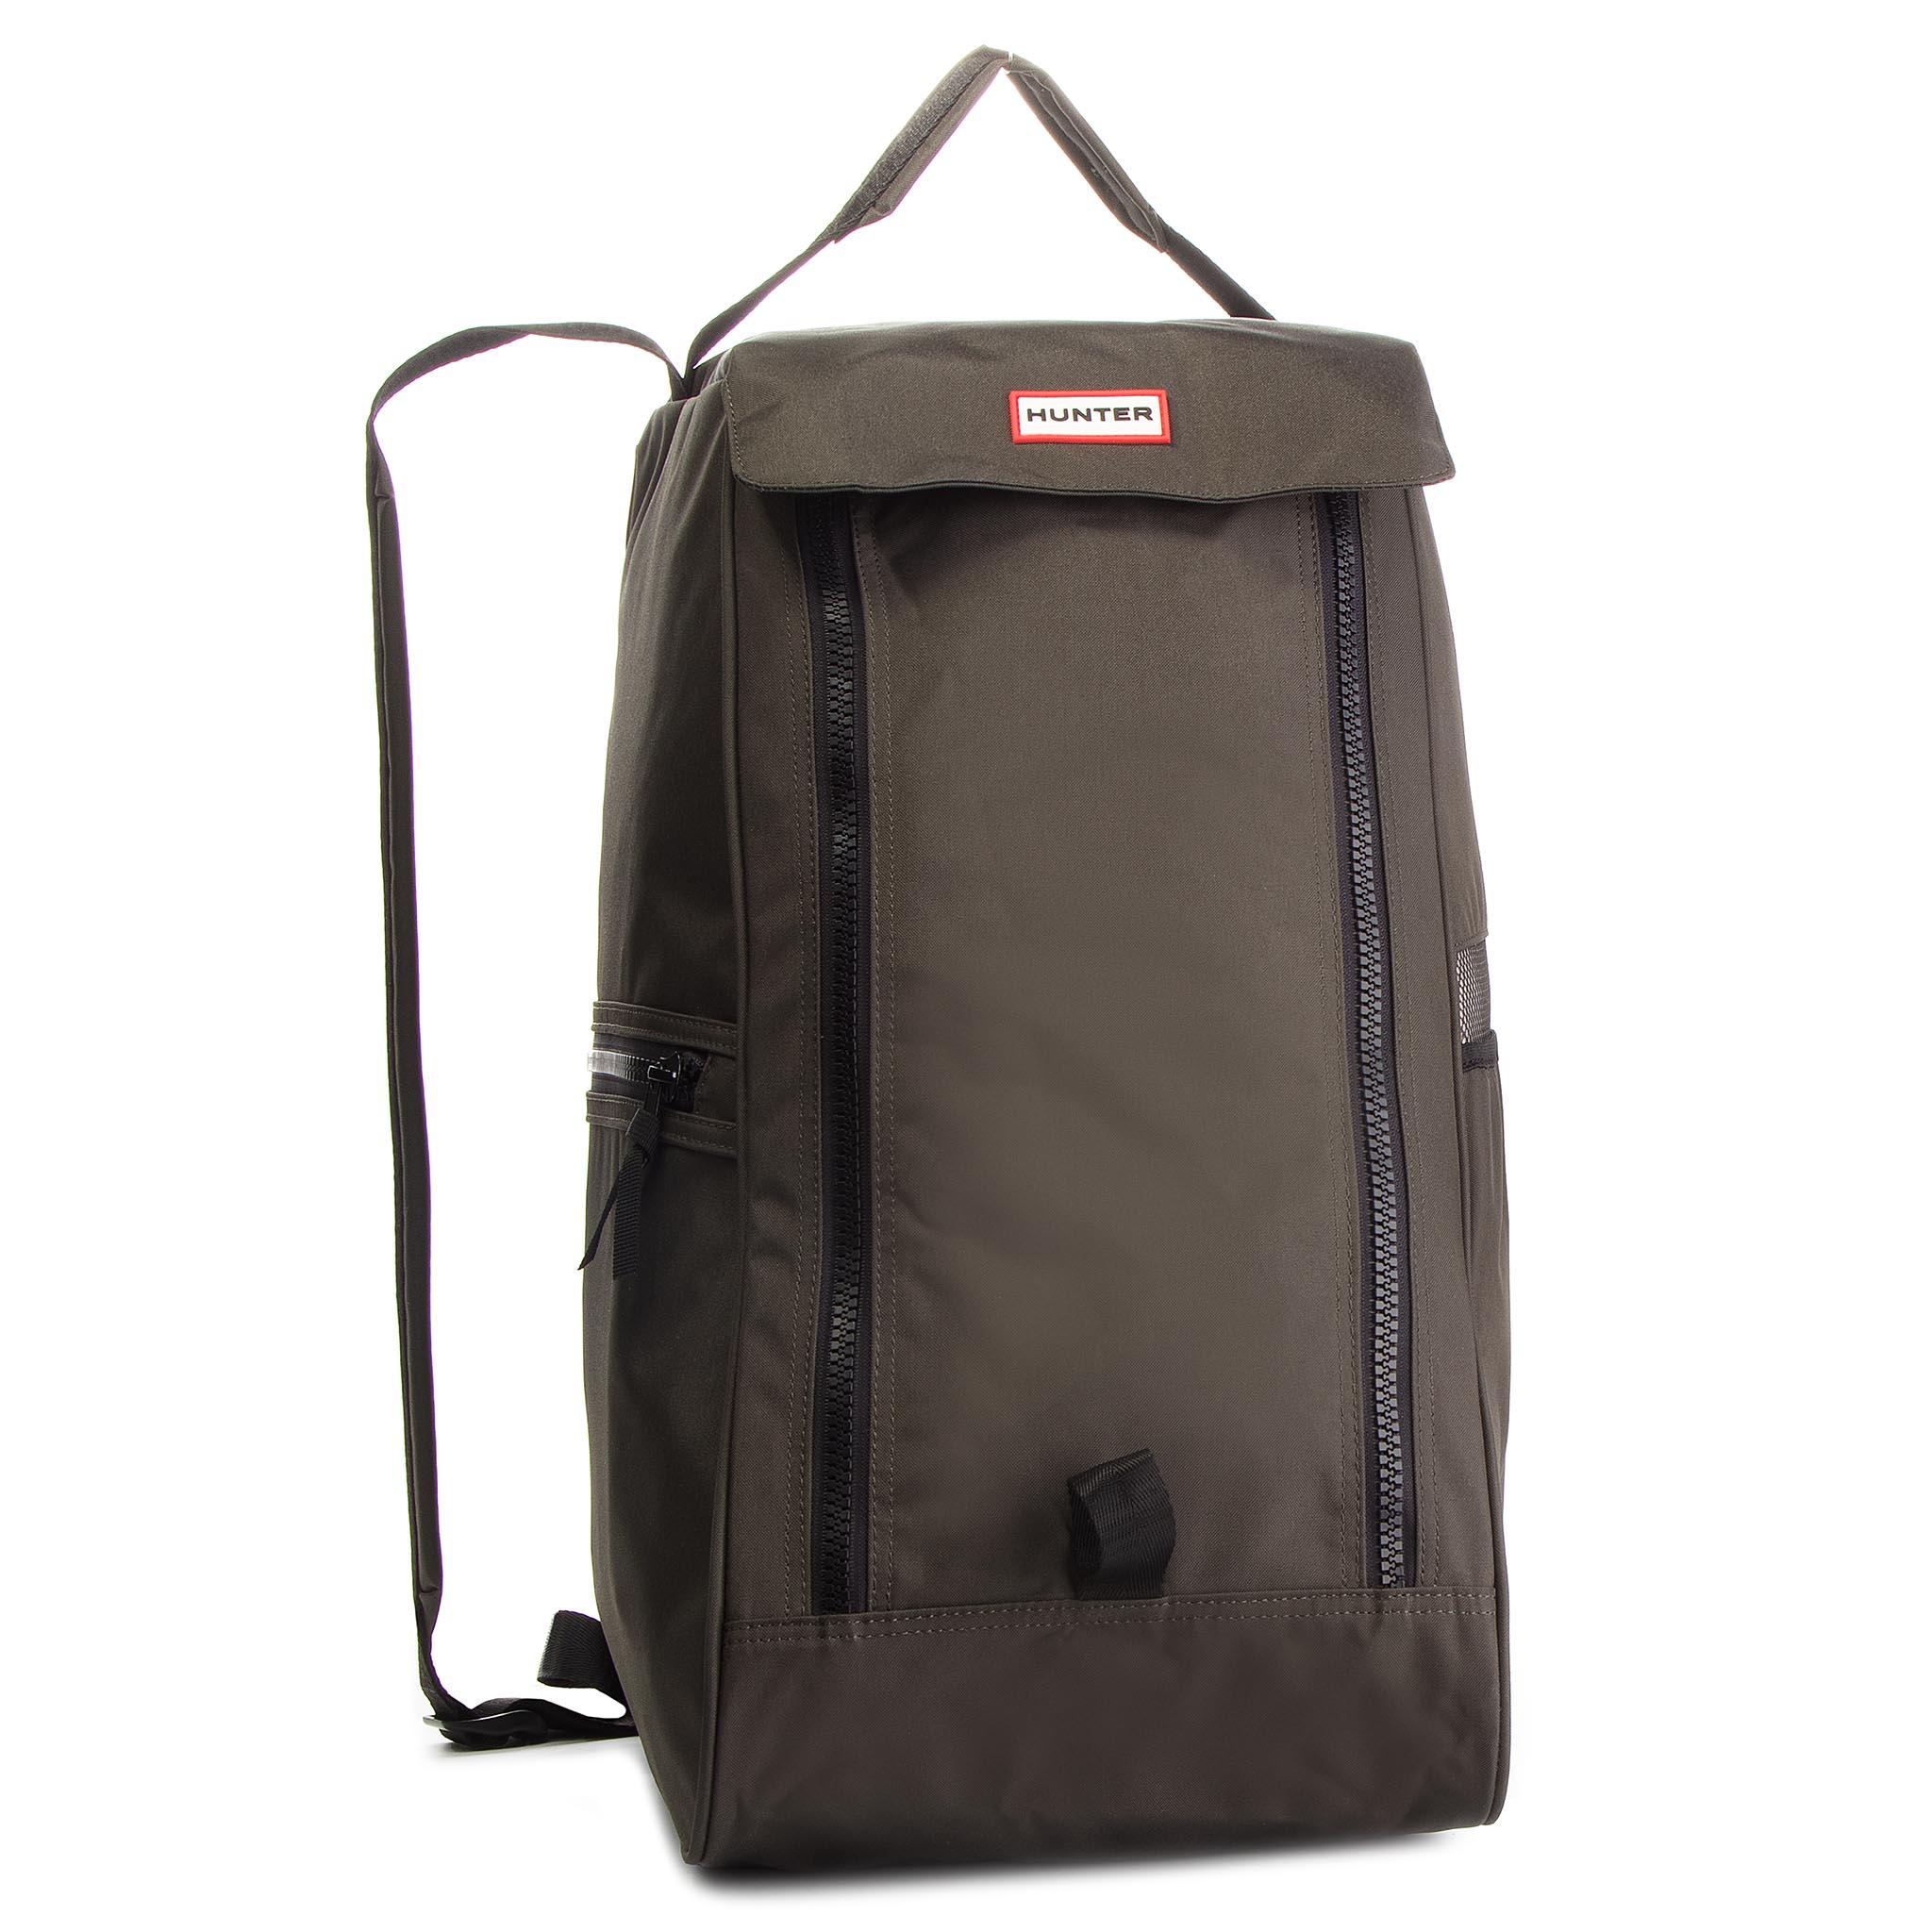 73d27f0d4a9f Taška HUNTER - Original Tall Boot Bag UBZ4021UPA Dark Olive - Glami.sk